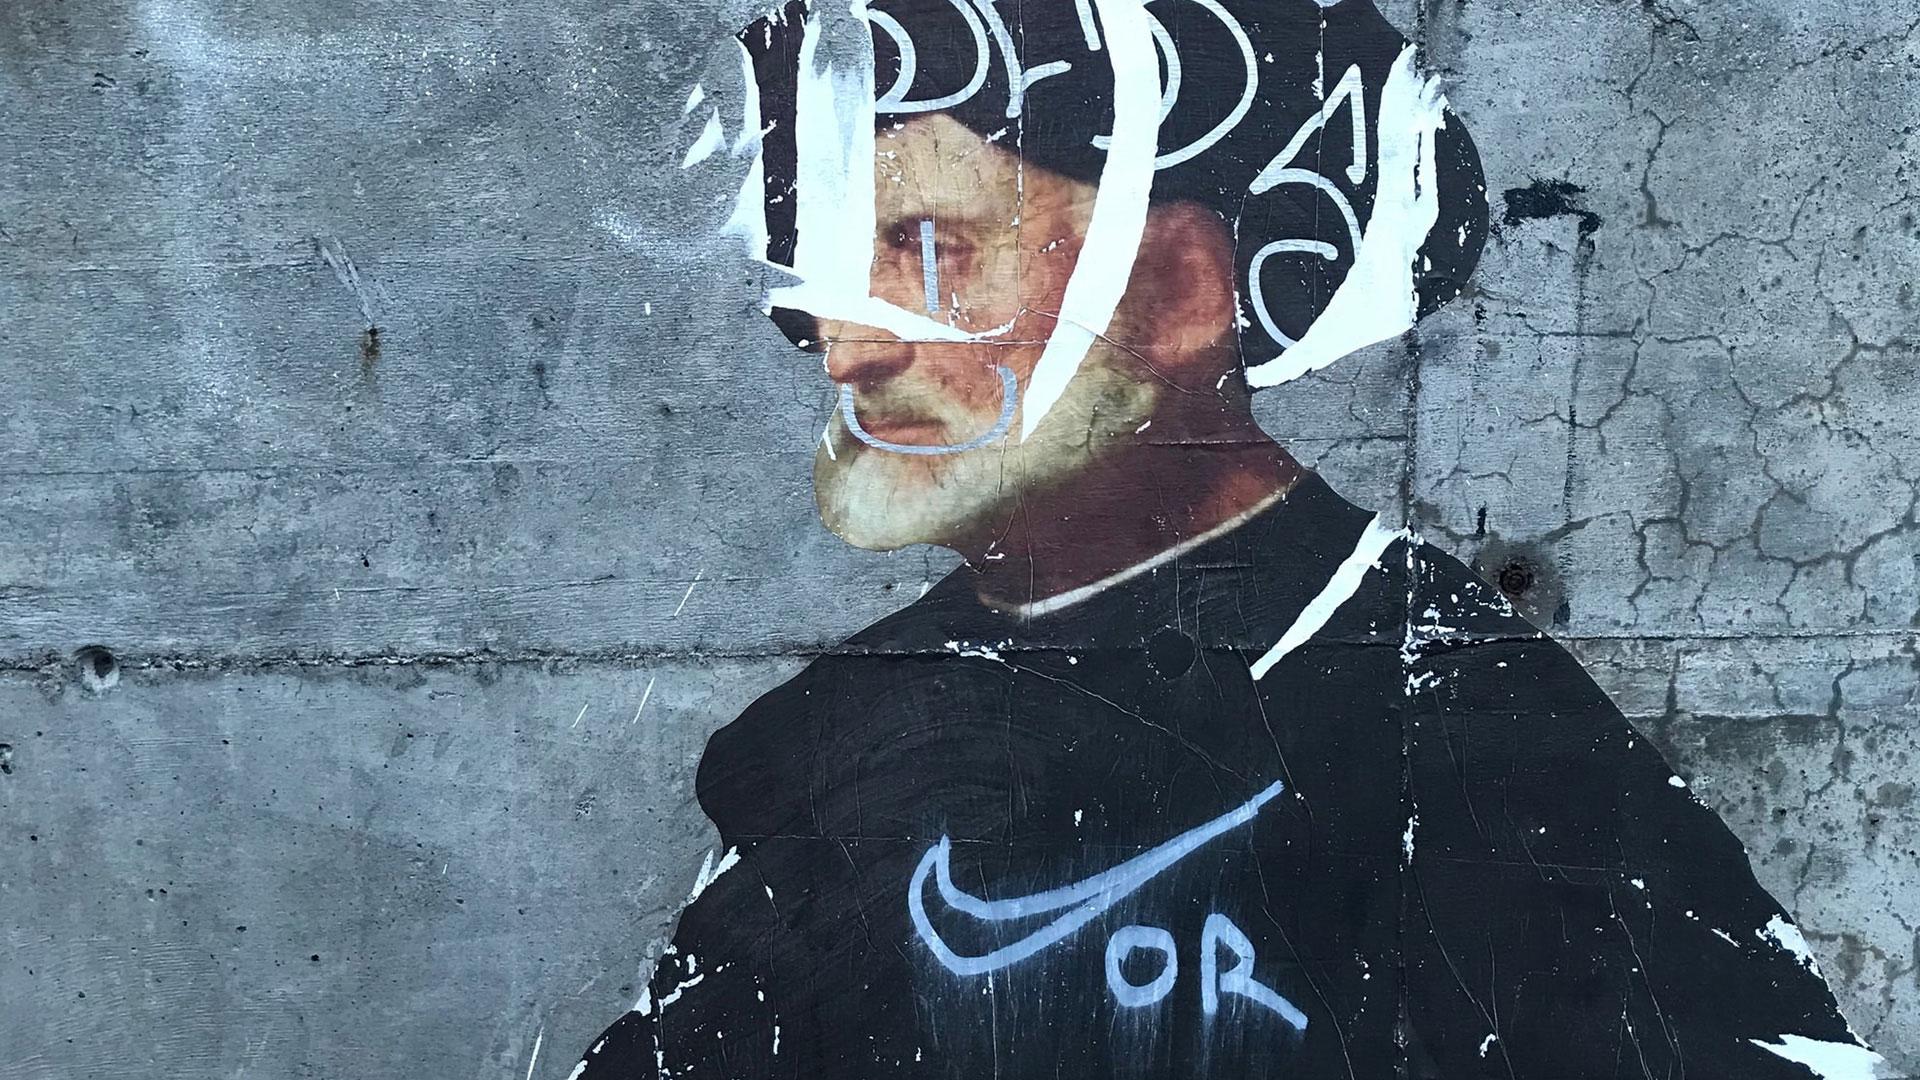 La agencia más creativa de Sevilla ya ha llegado | Agencia creativa Eiduo